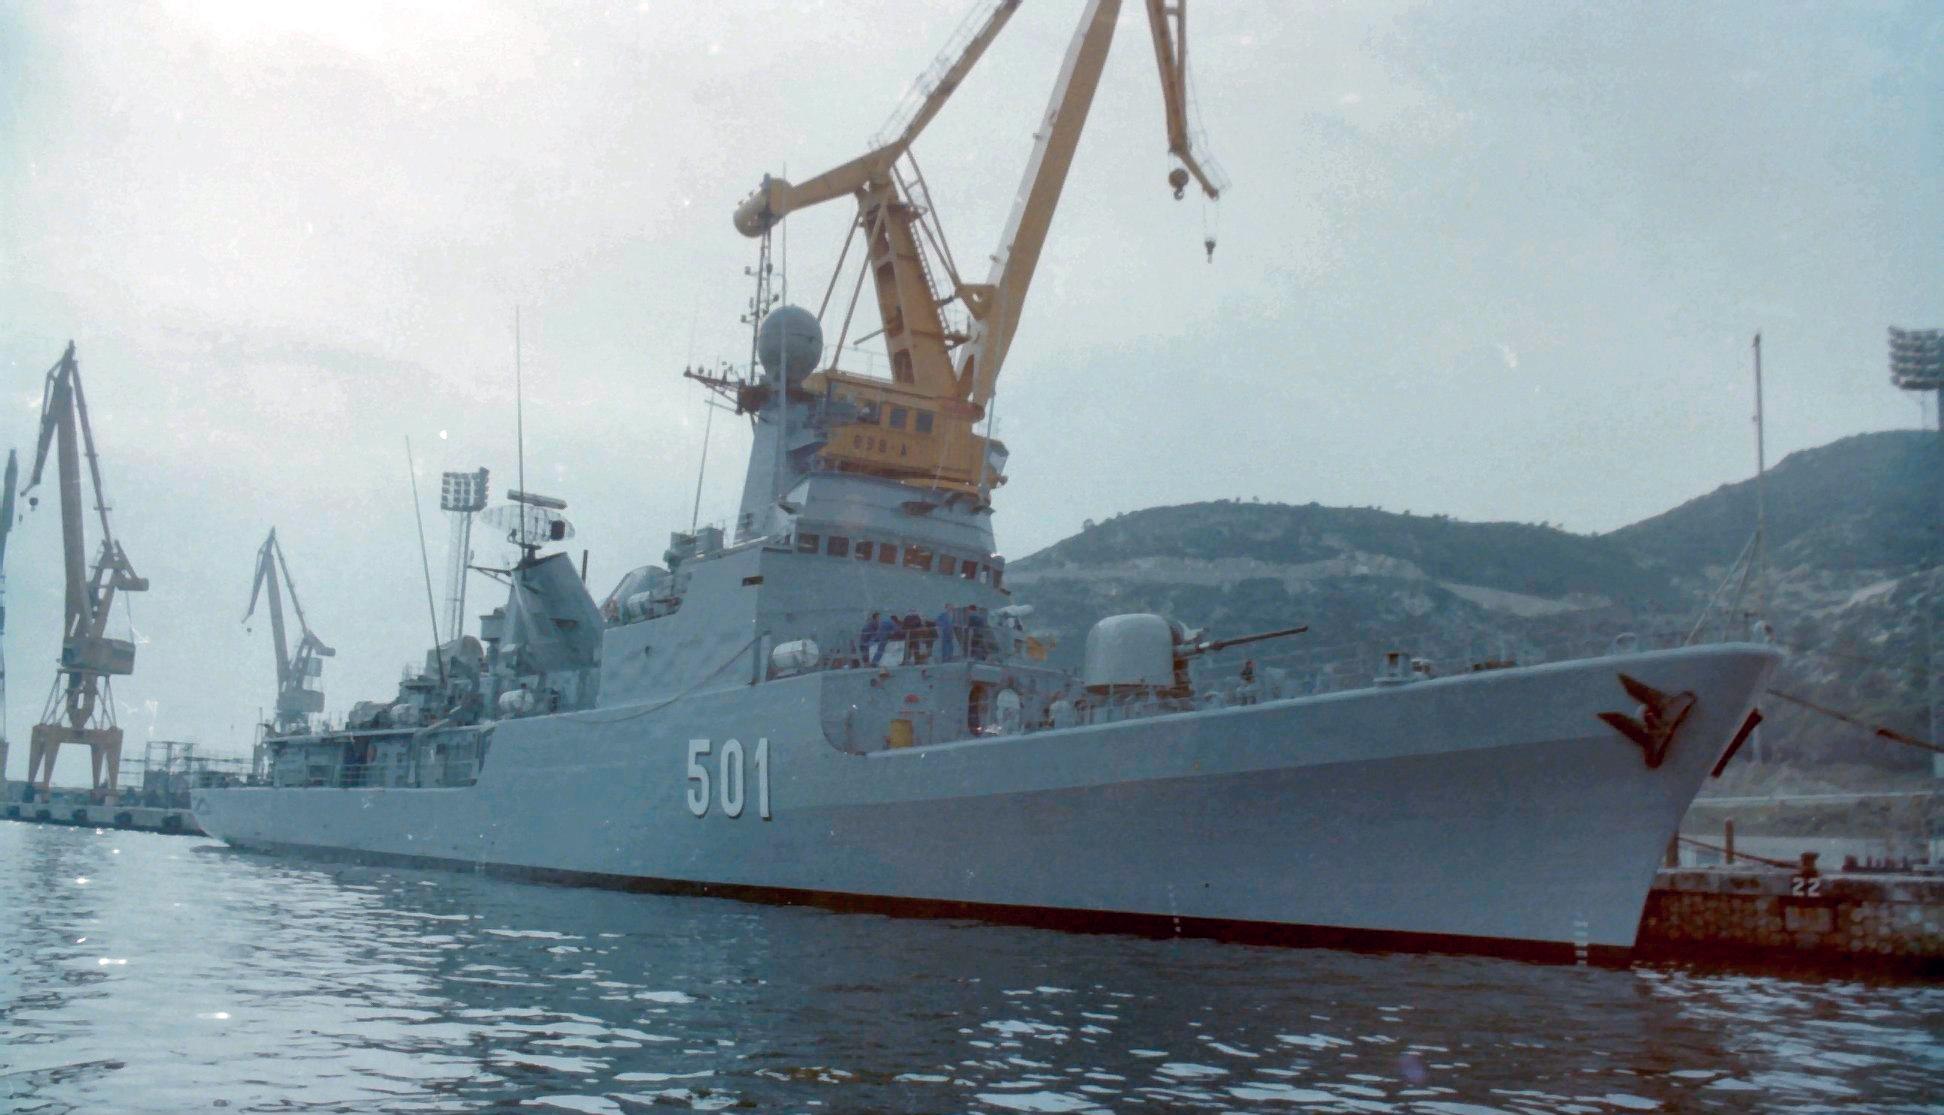 Royal Moroccan Navy Descubierta Frigate / Corvette Lt Cl Errahmani - Bâtiment École - Page 4 Clipb516